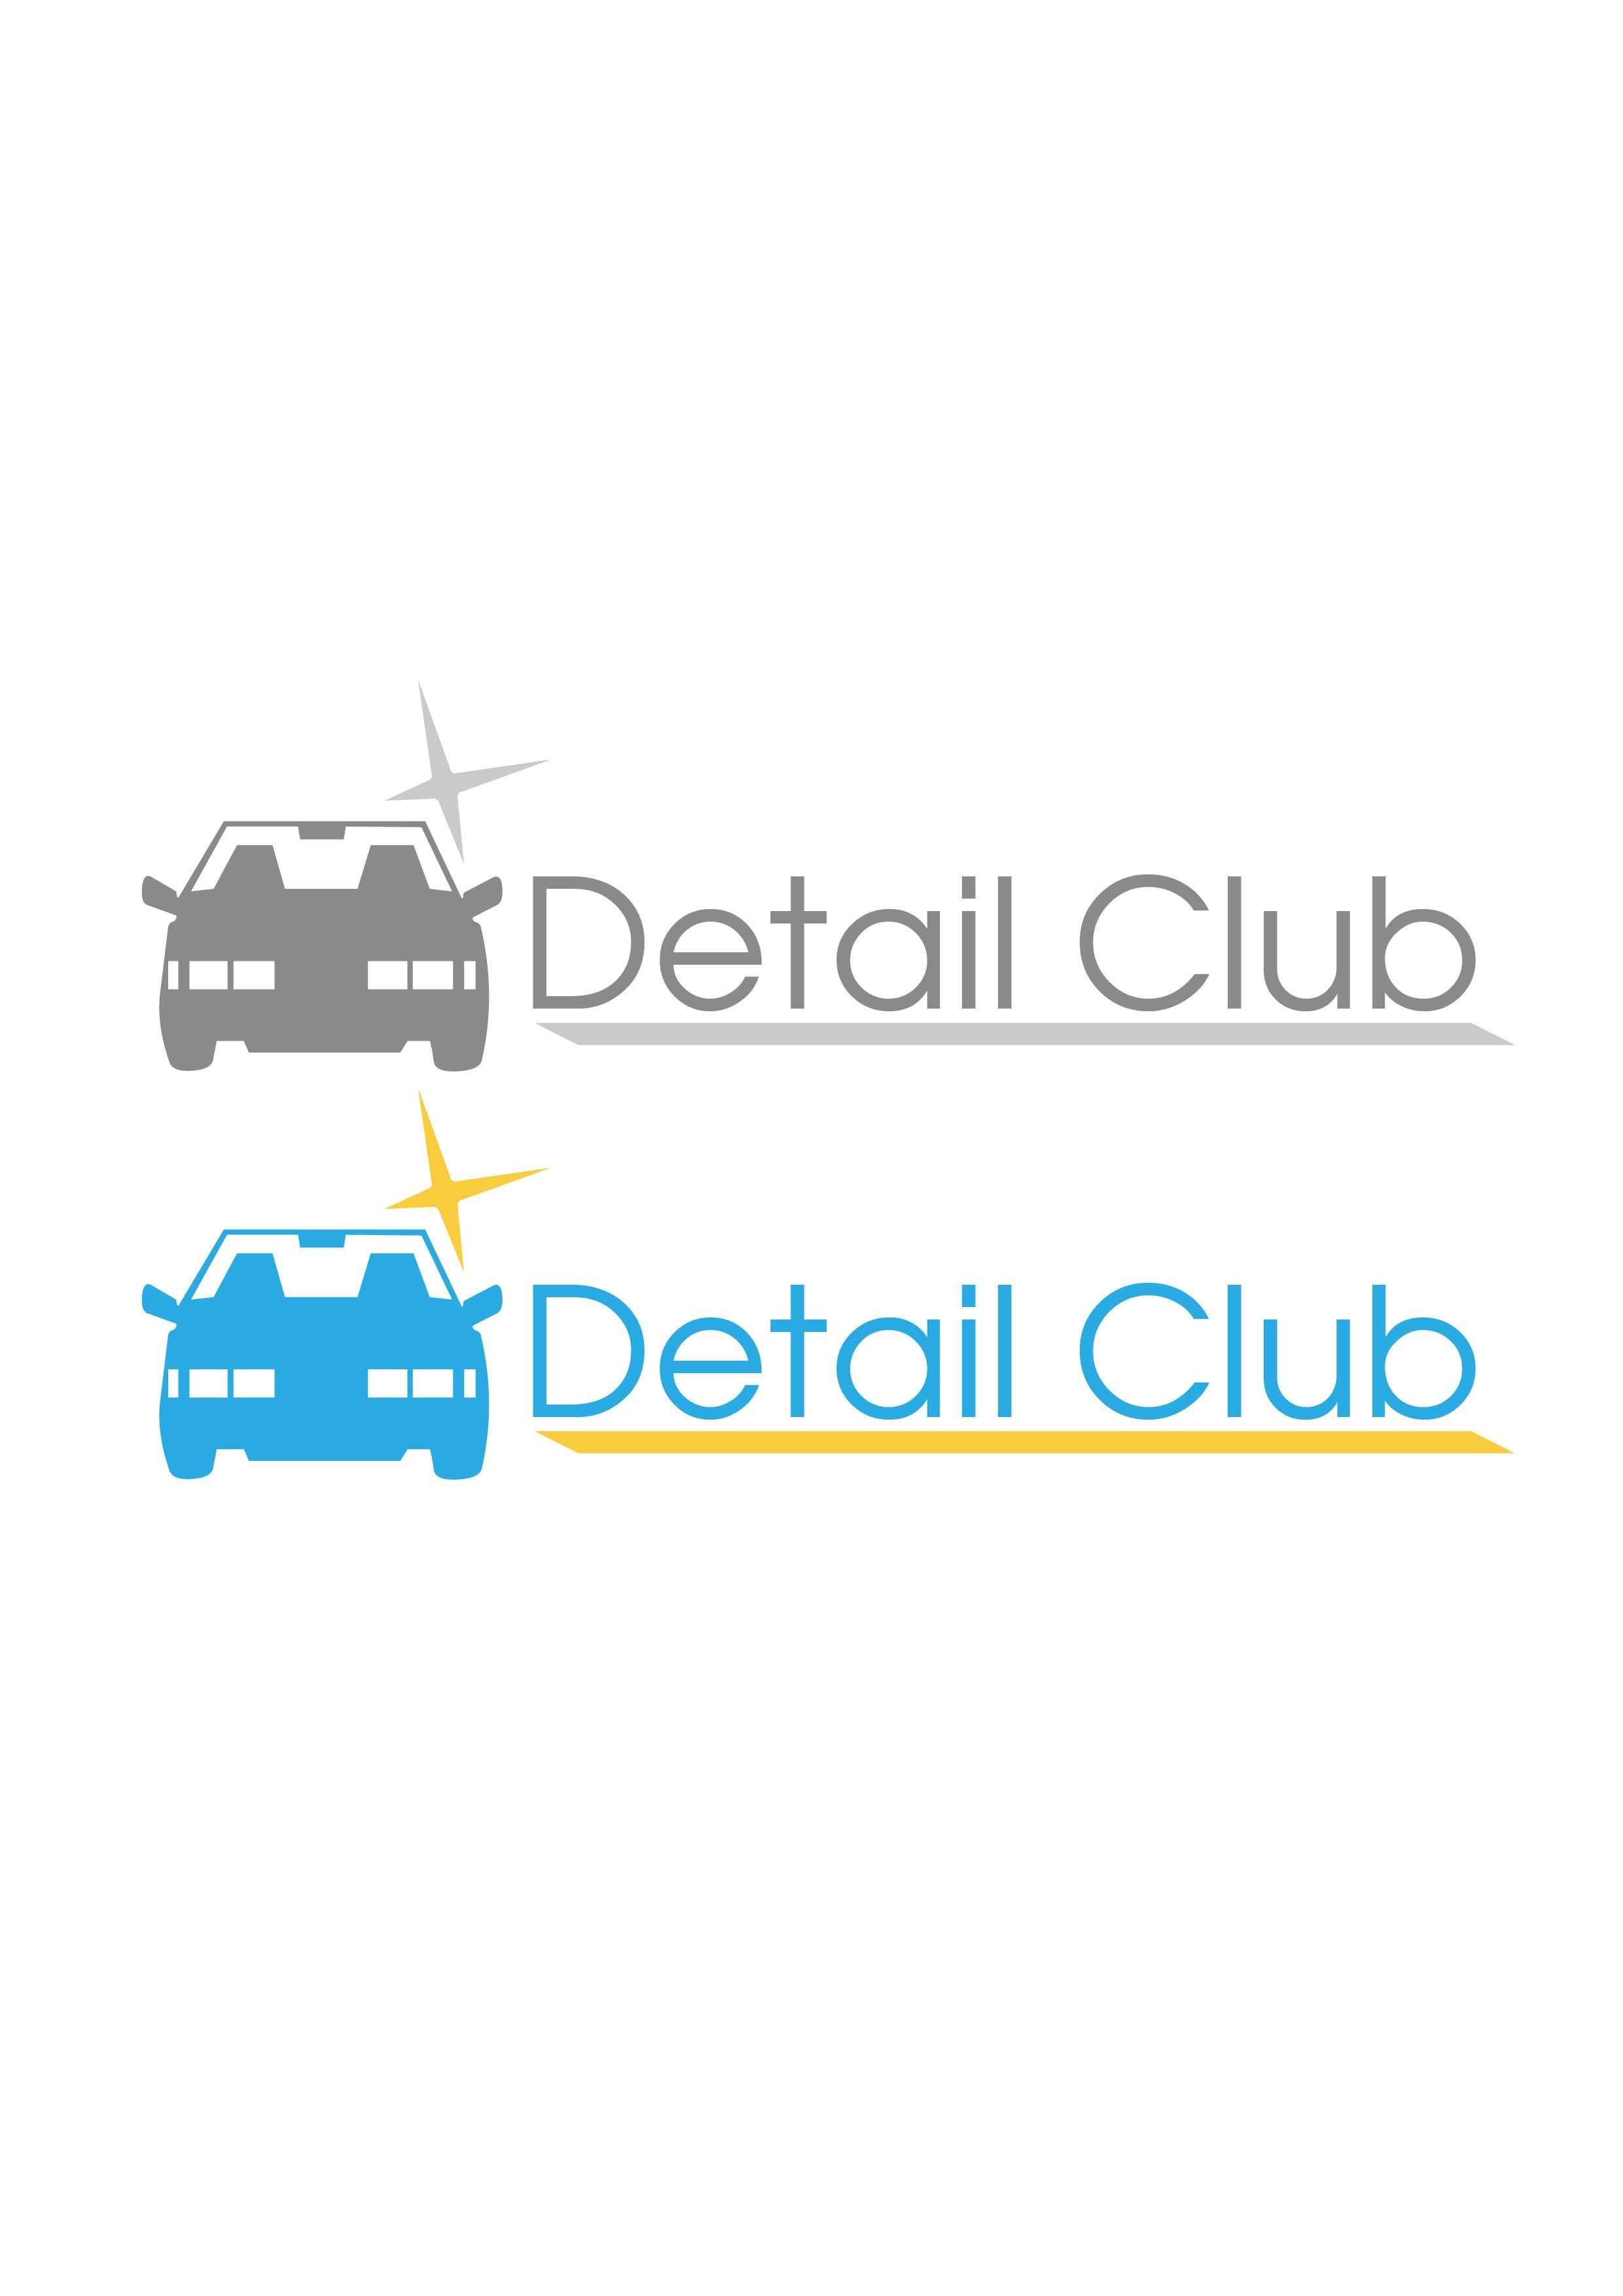 Логотип для компании (детейлинг студия) - дизайнер Wou1ter